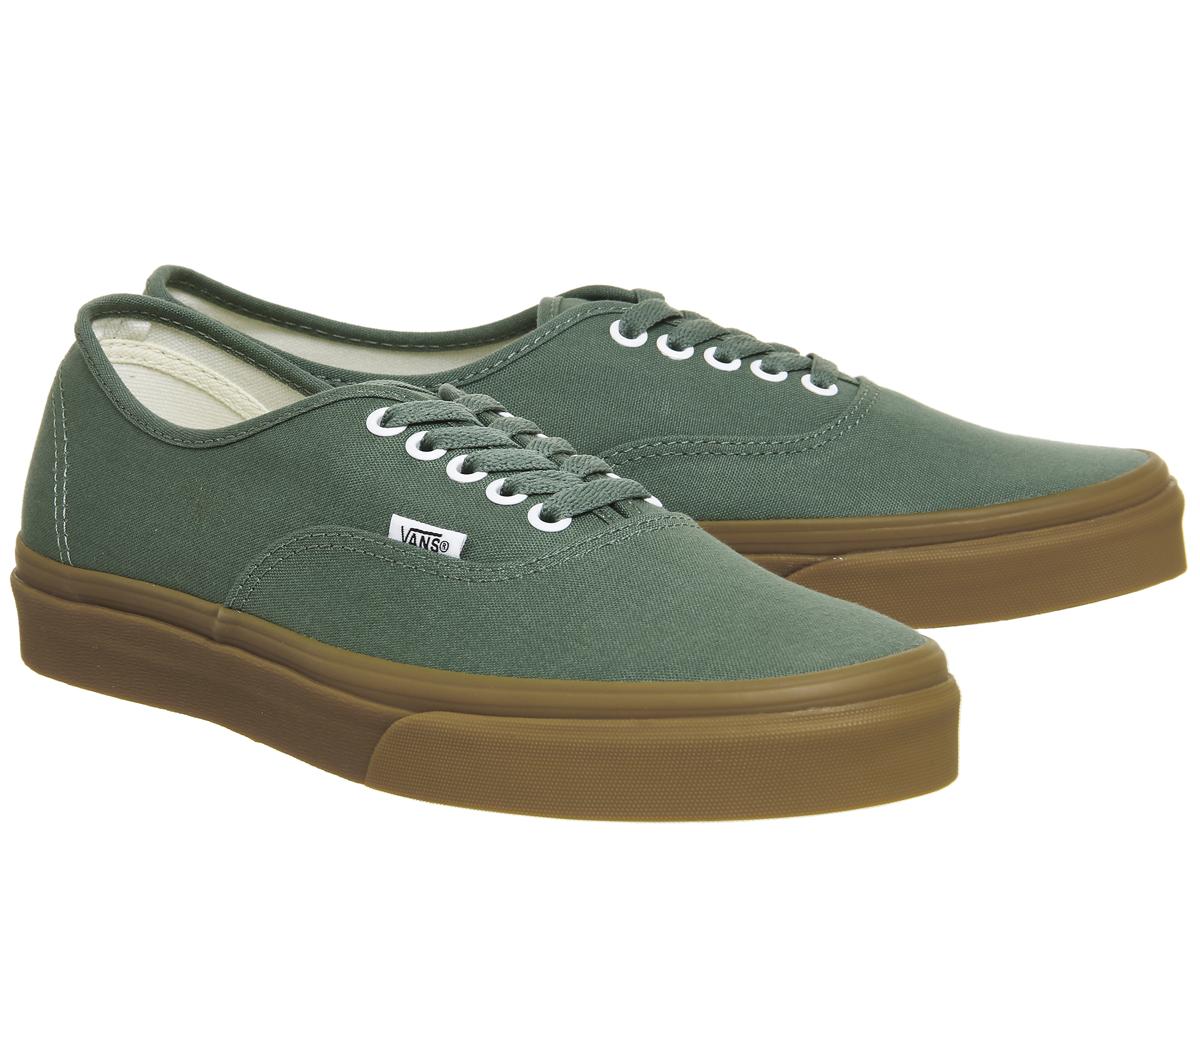 61435581da Para Hombre Vans Auténtico tenis Pato Verde Tenis Zapatos